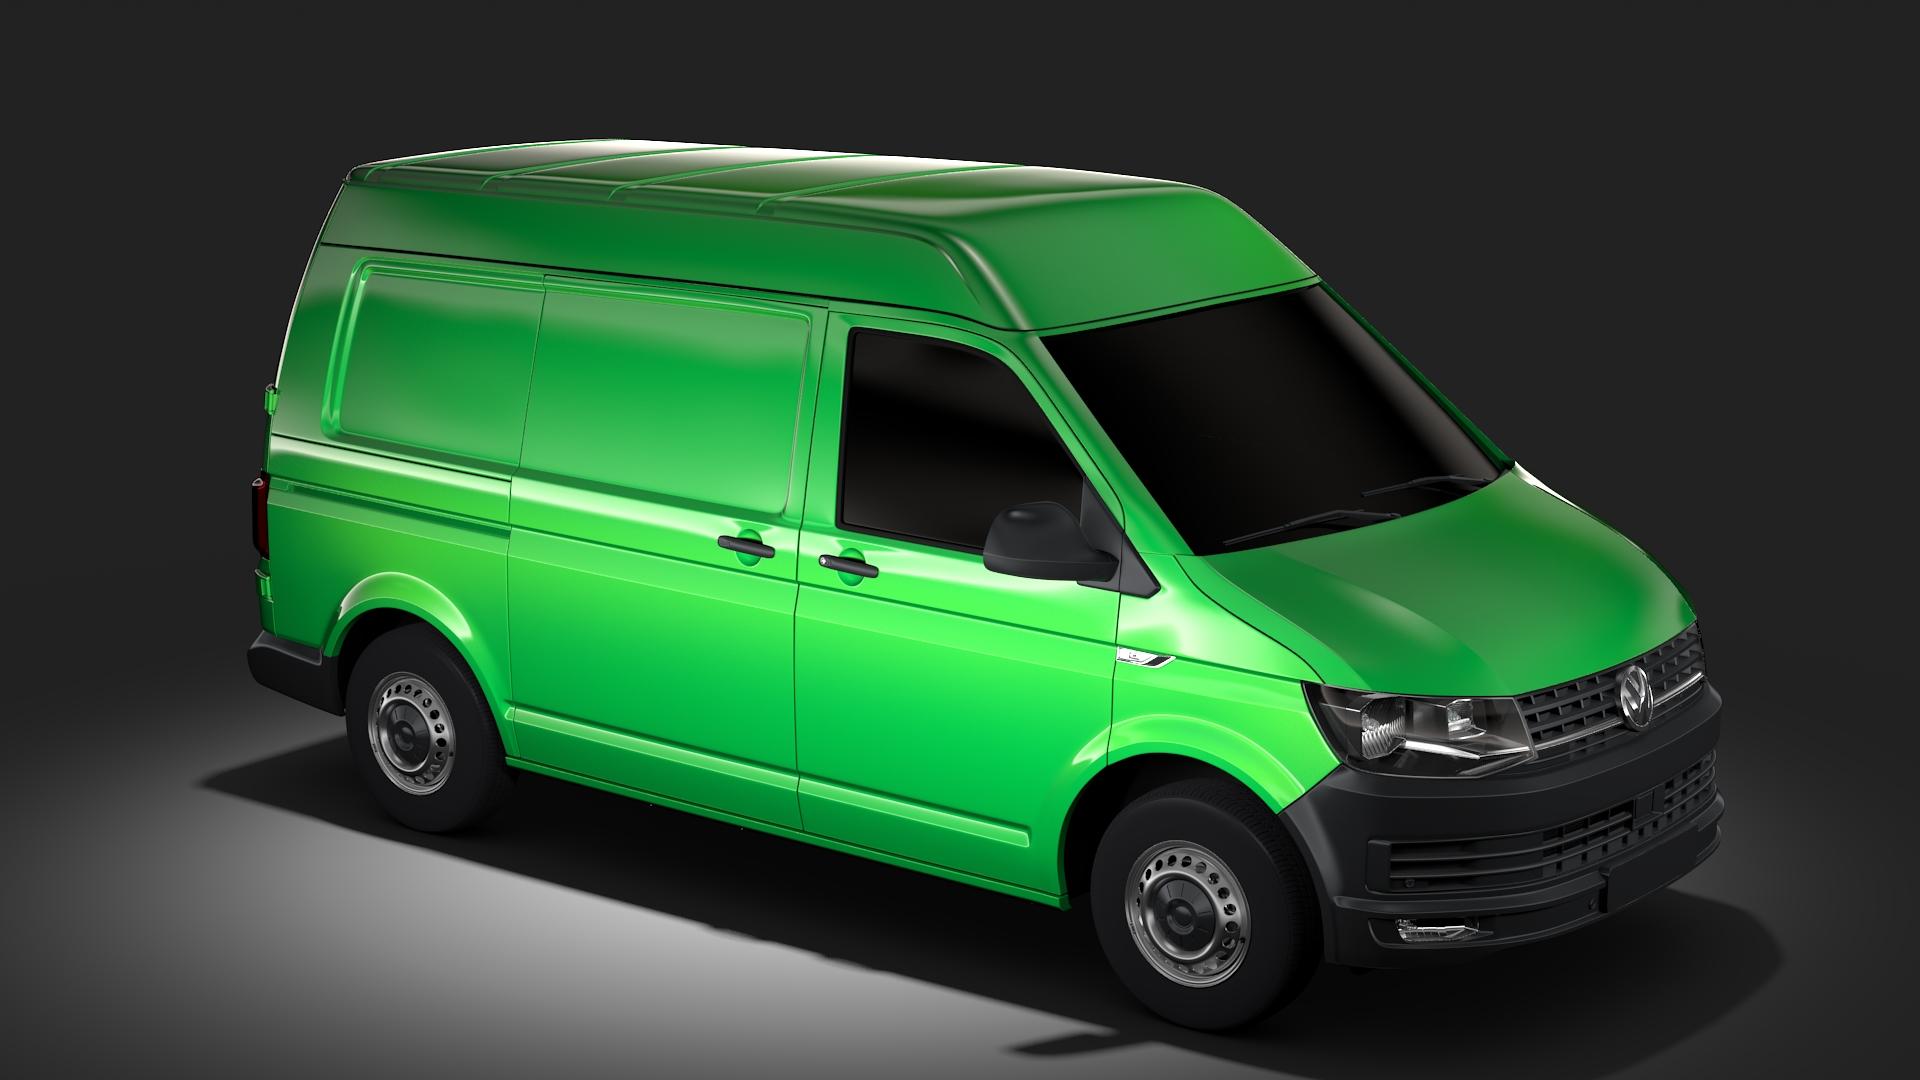 volkswagen transporter van l1h2 t6 2017 3d model max fbx c4d lwo ma mb hrc xsi obj 275156